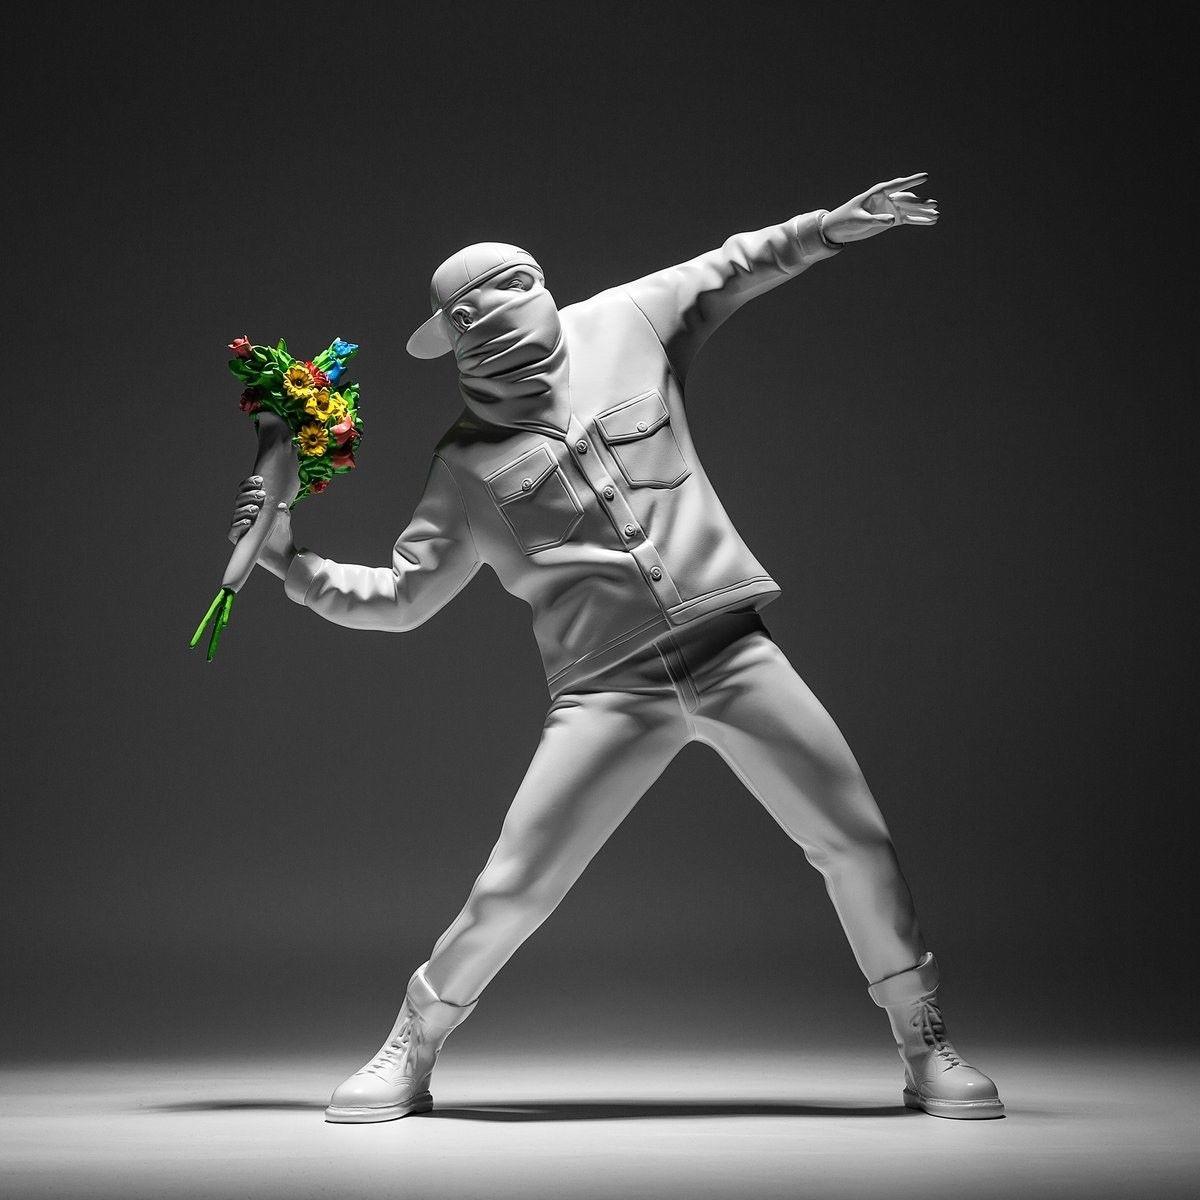 Statuette - Banksy Medicom Flower Bomber